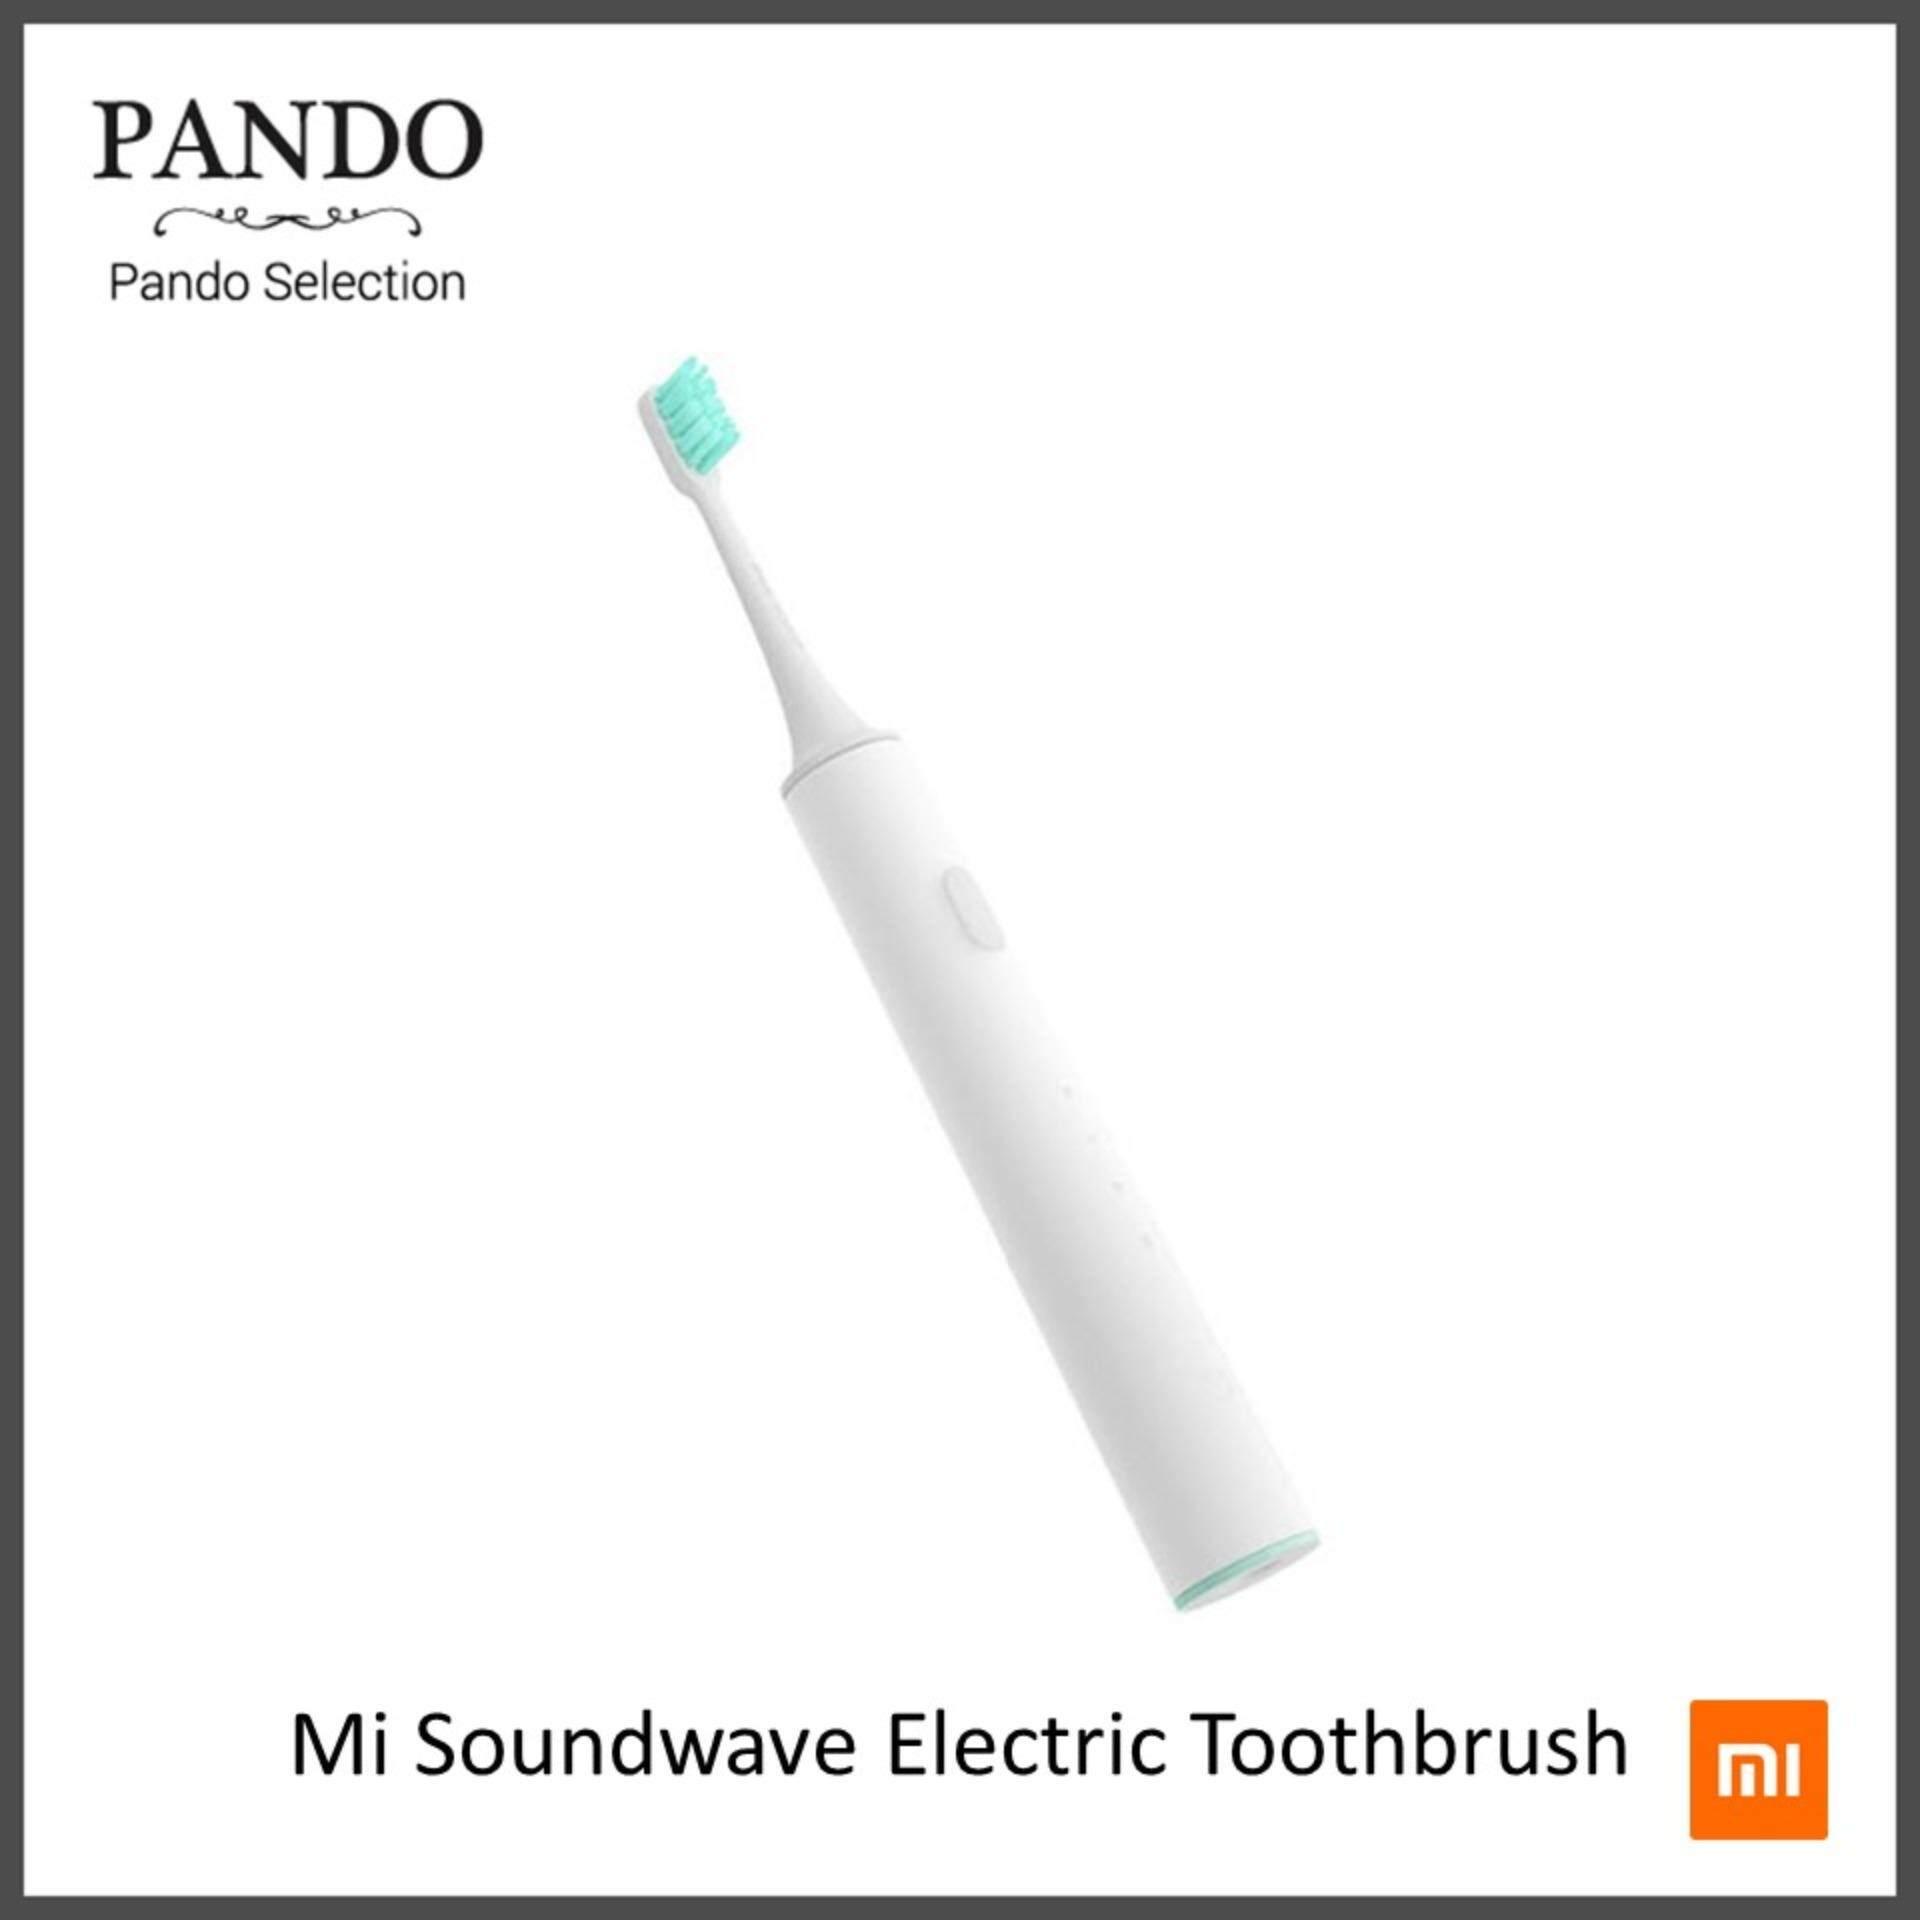 แปรงสีฟันไฟฟ้า ช่วยดูแลสุขภาพช่องปาก บุรีรัมย์ Xiaomi Soundwave Electric Toothbrush แปรงสีฟันไฟฟ้า ของแท้จาก Xiaomi รับประกัน 1 ปี by Pando Selection   Fanslink